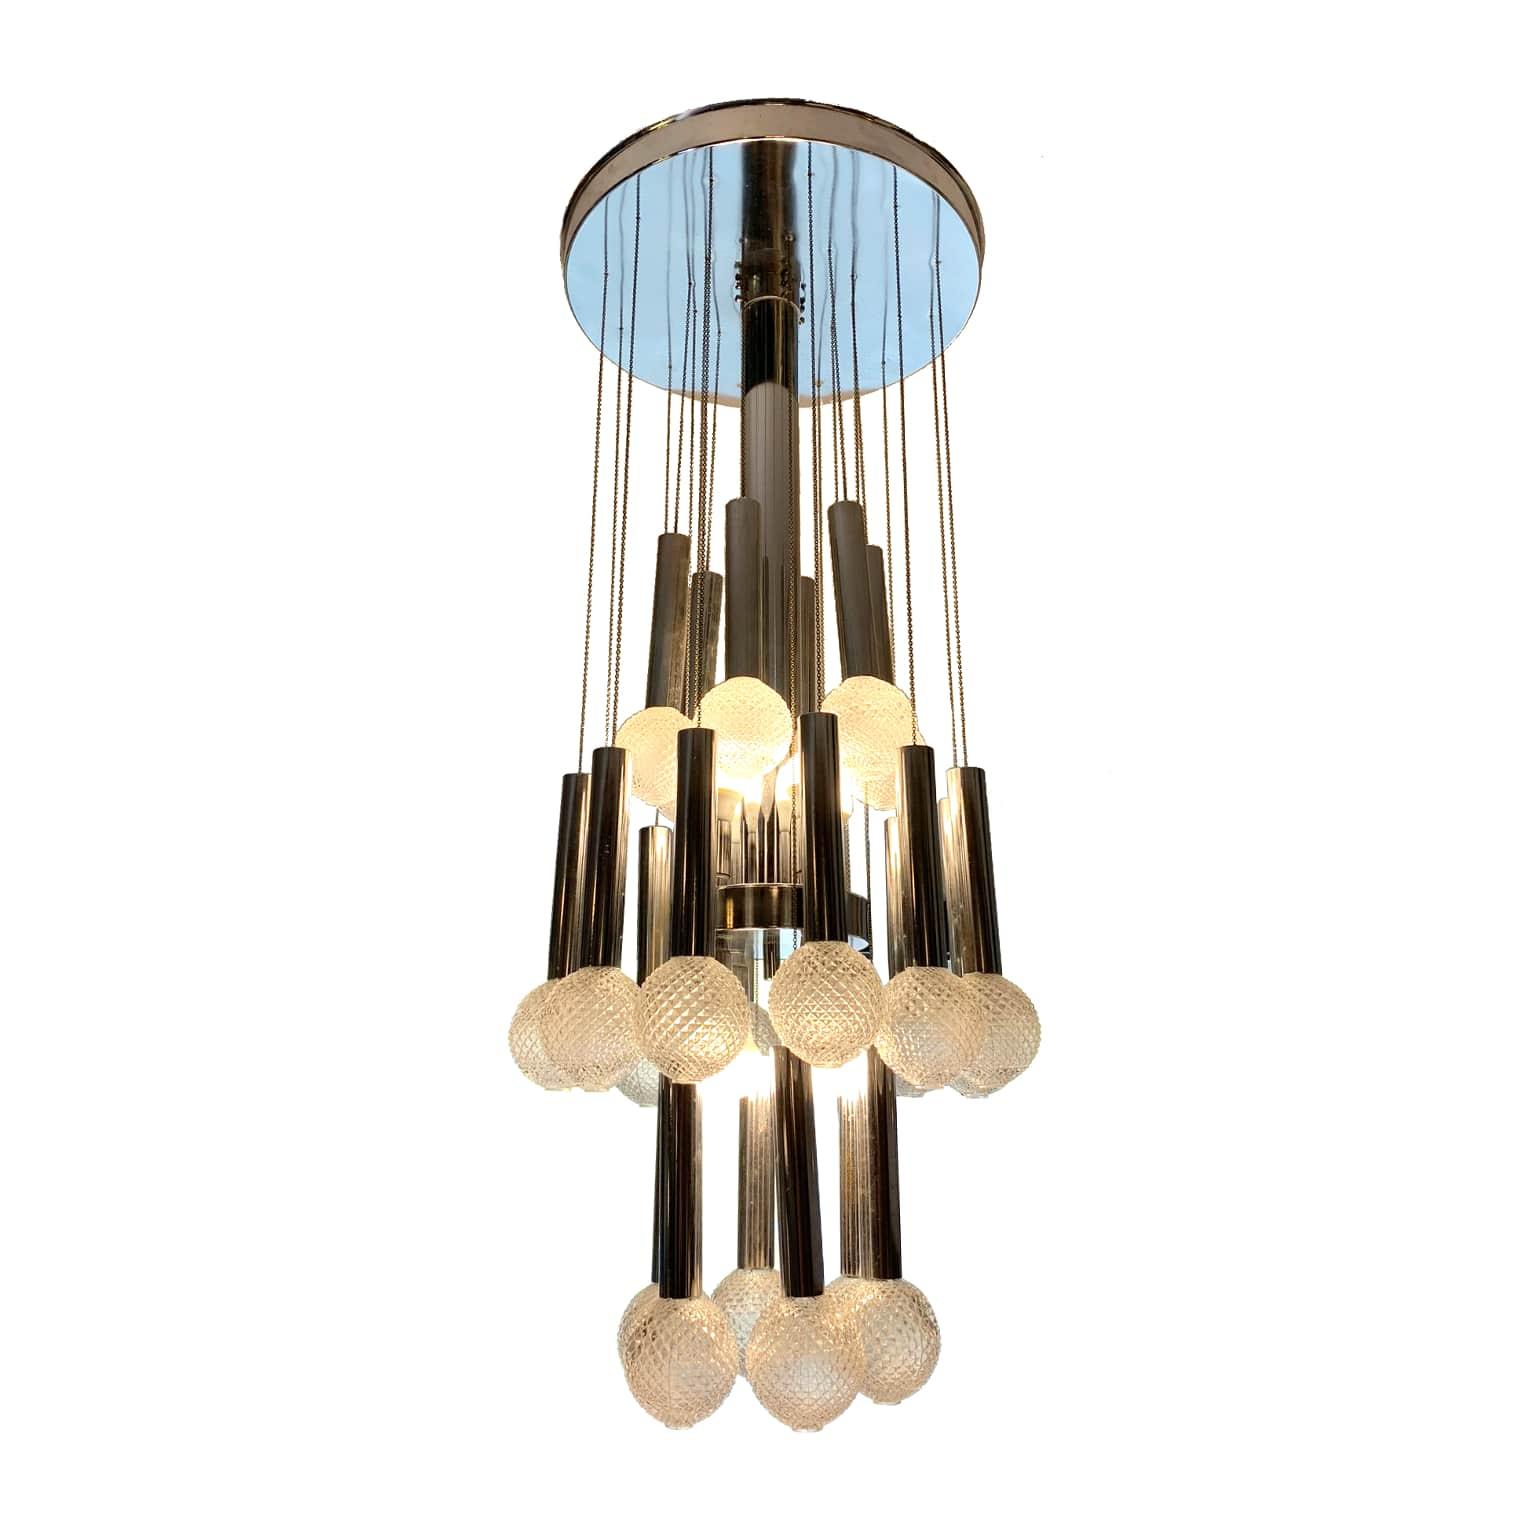 Moda degli anni 70, decorazioni, lampadario fai da te, etsy, lampadario vintage. Gaetano Sciolari Lampada A Sospensione Anni 70 Creazioni D Interni